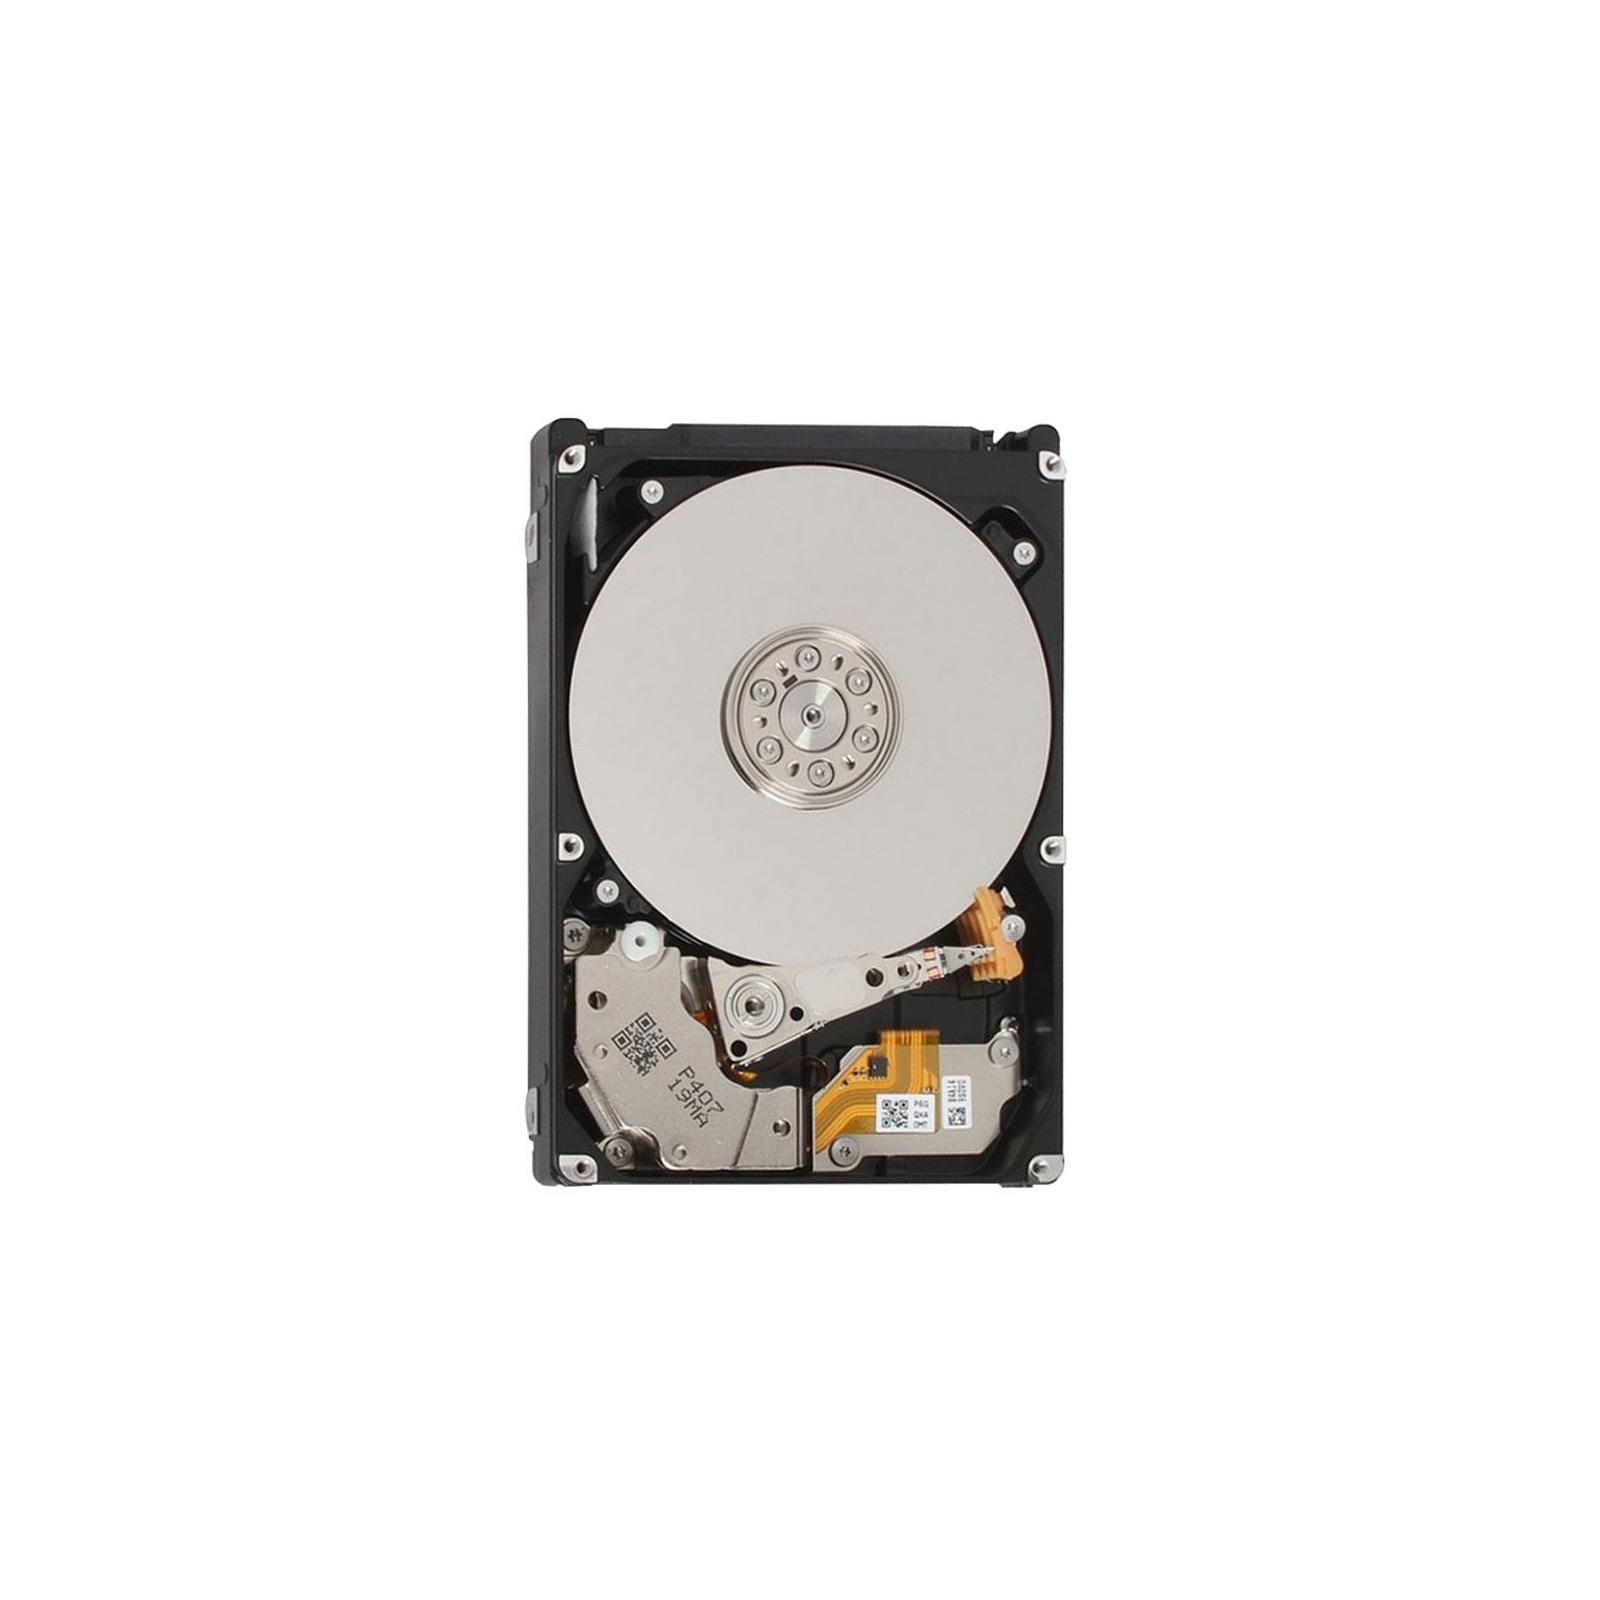 """Жесткий диск для сервера 2.5"""" 600GB SAS 128MB 10500rpm Toshiba (AL15SEB060N)"""